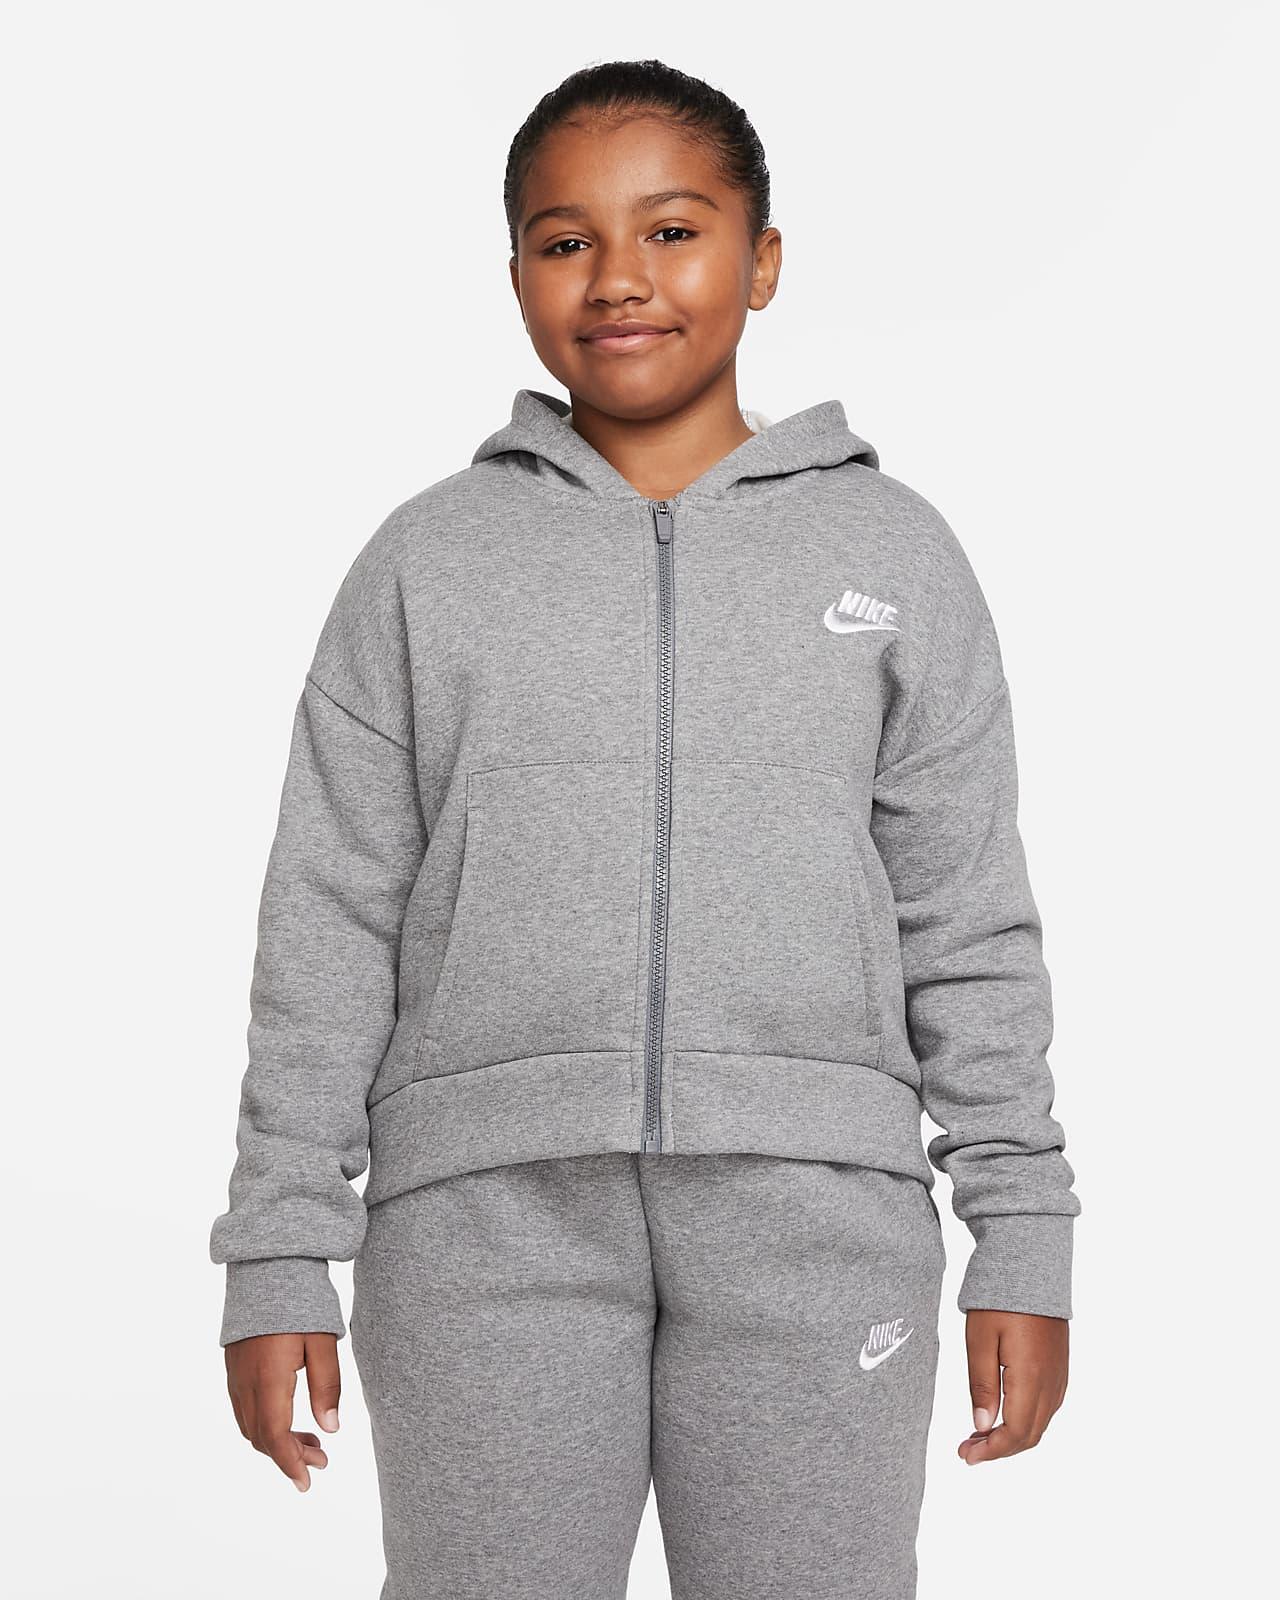 Nike Sportswear Club Fleece Hoodie mit durchgehendem Reißverschluss für ältere Kinder (Mädchen) (erweiterte Größe)